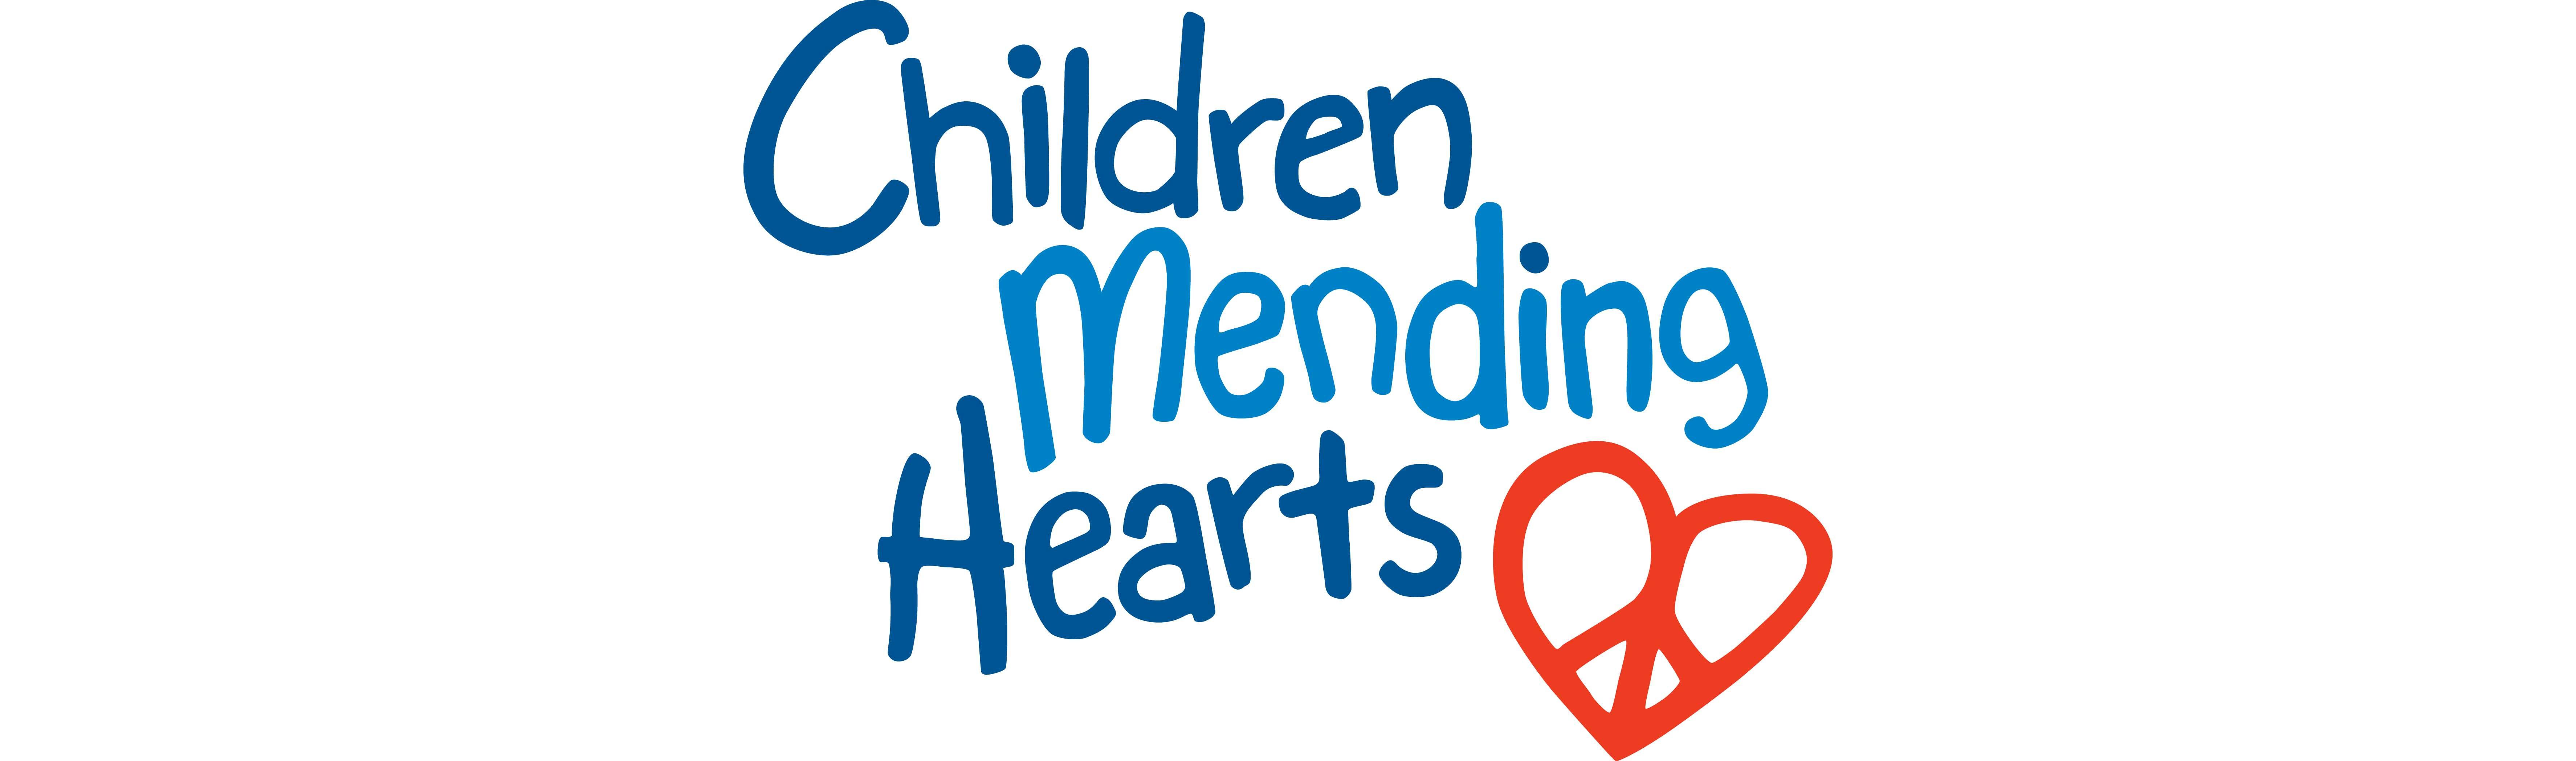 Children Mending Hearts